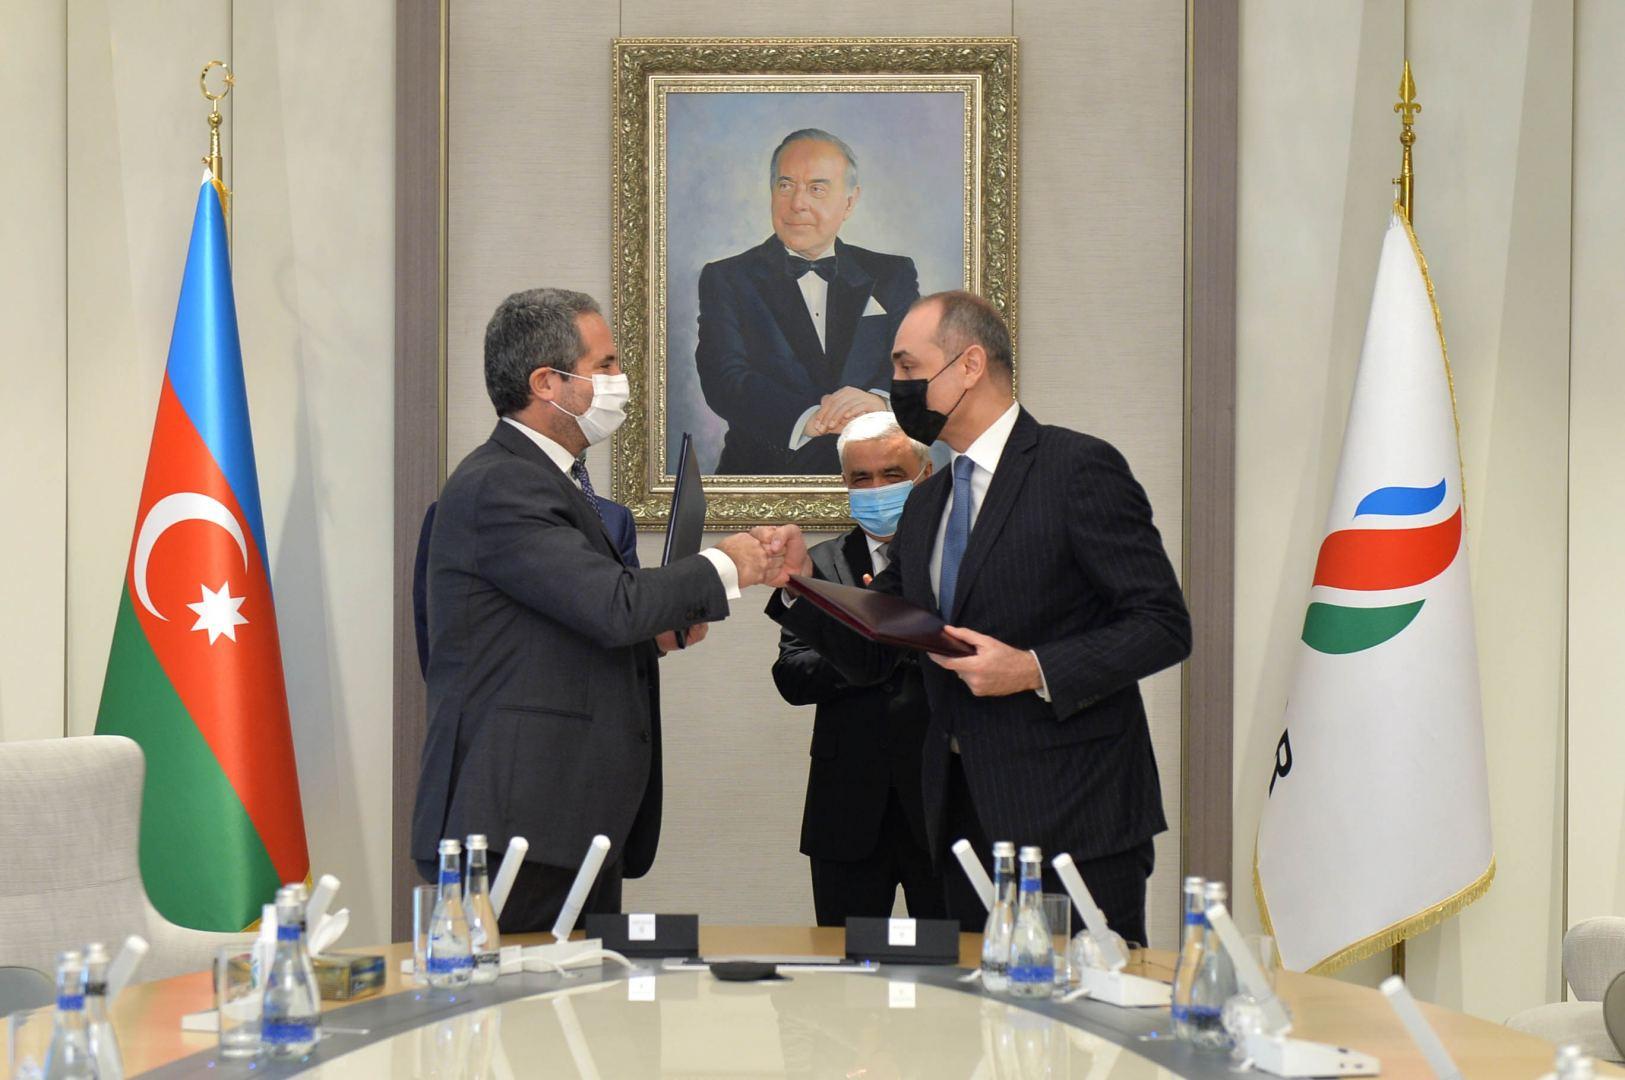 SOCAR İtaliya şirkəti ilə benzin istehsalı üçün yeni emal qurğuları barədə sazişlər imzalayıb (FOTO) - Gallery Image